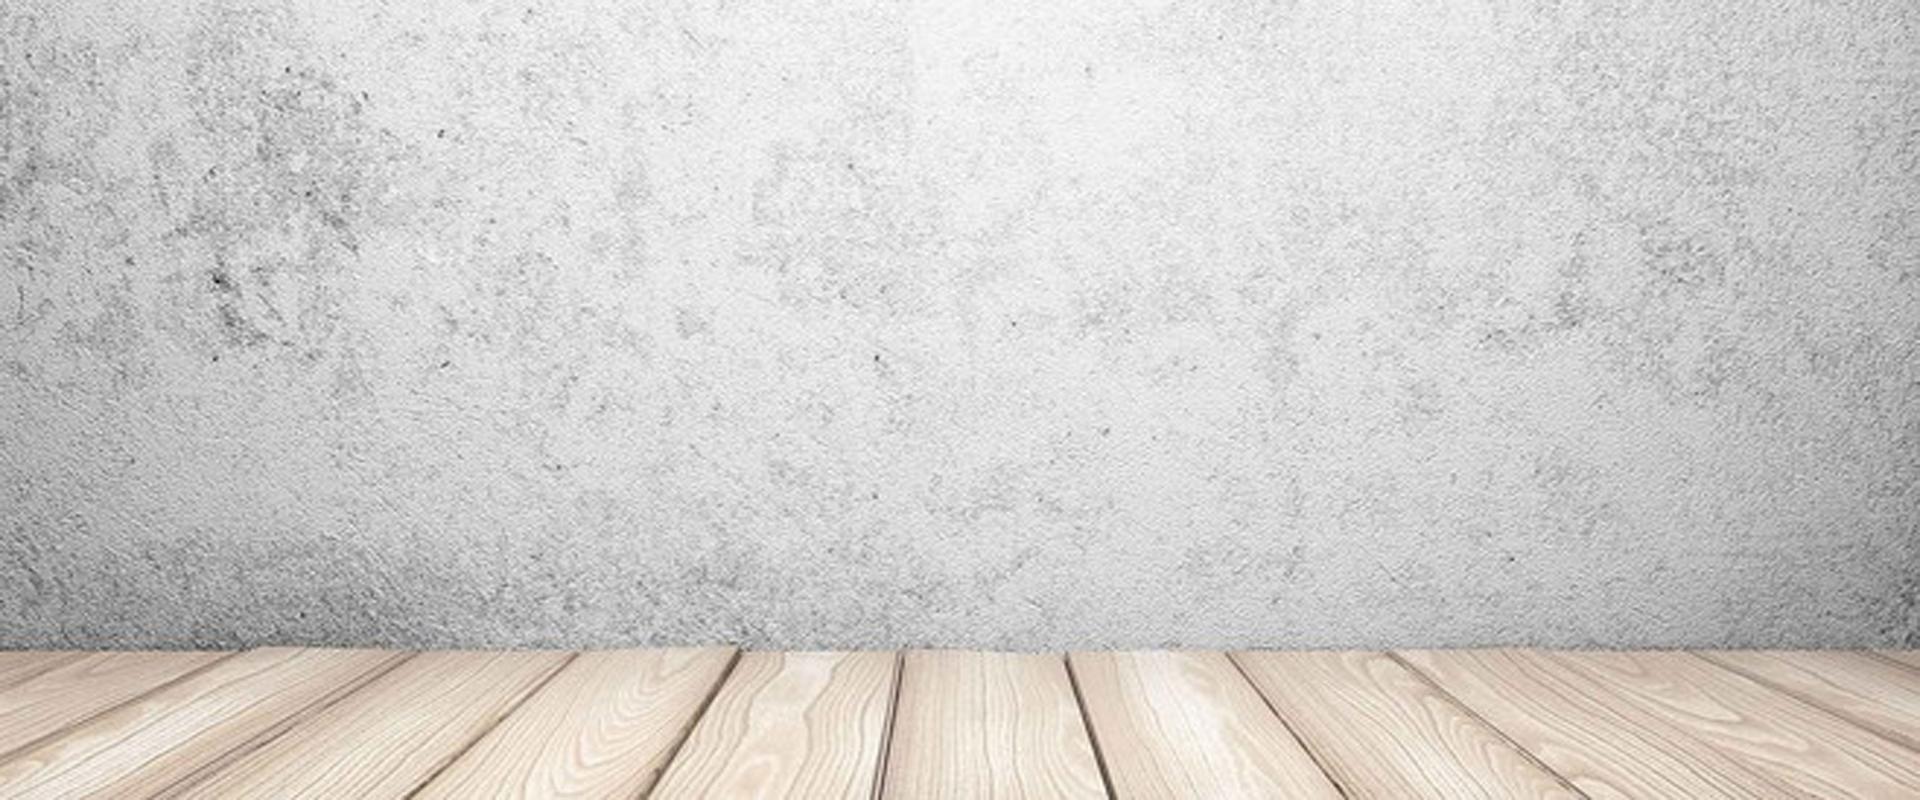 le mur de pierre de lignes de texture de fond d image le